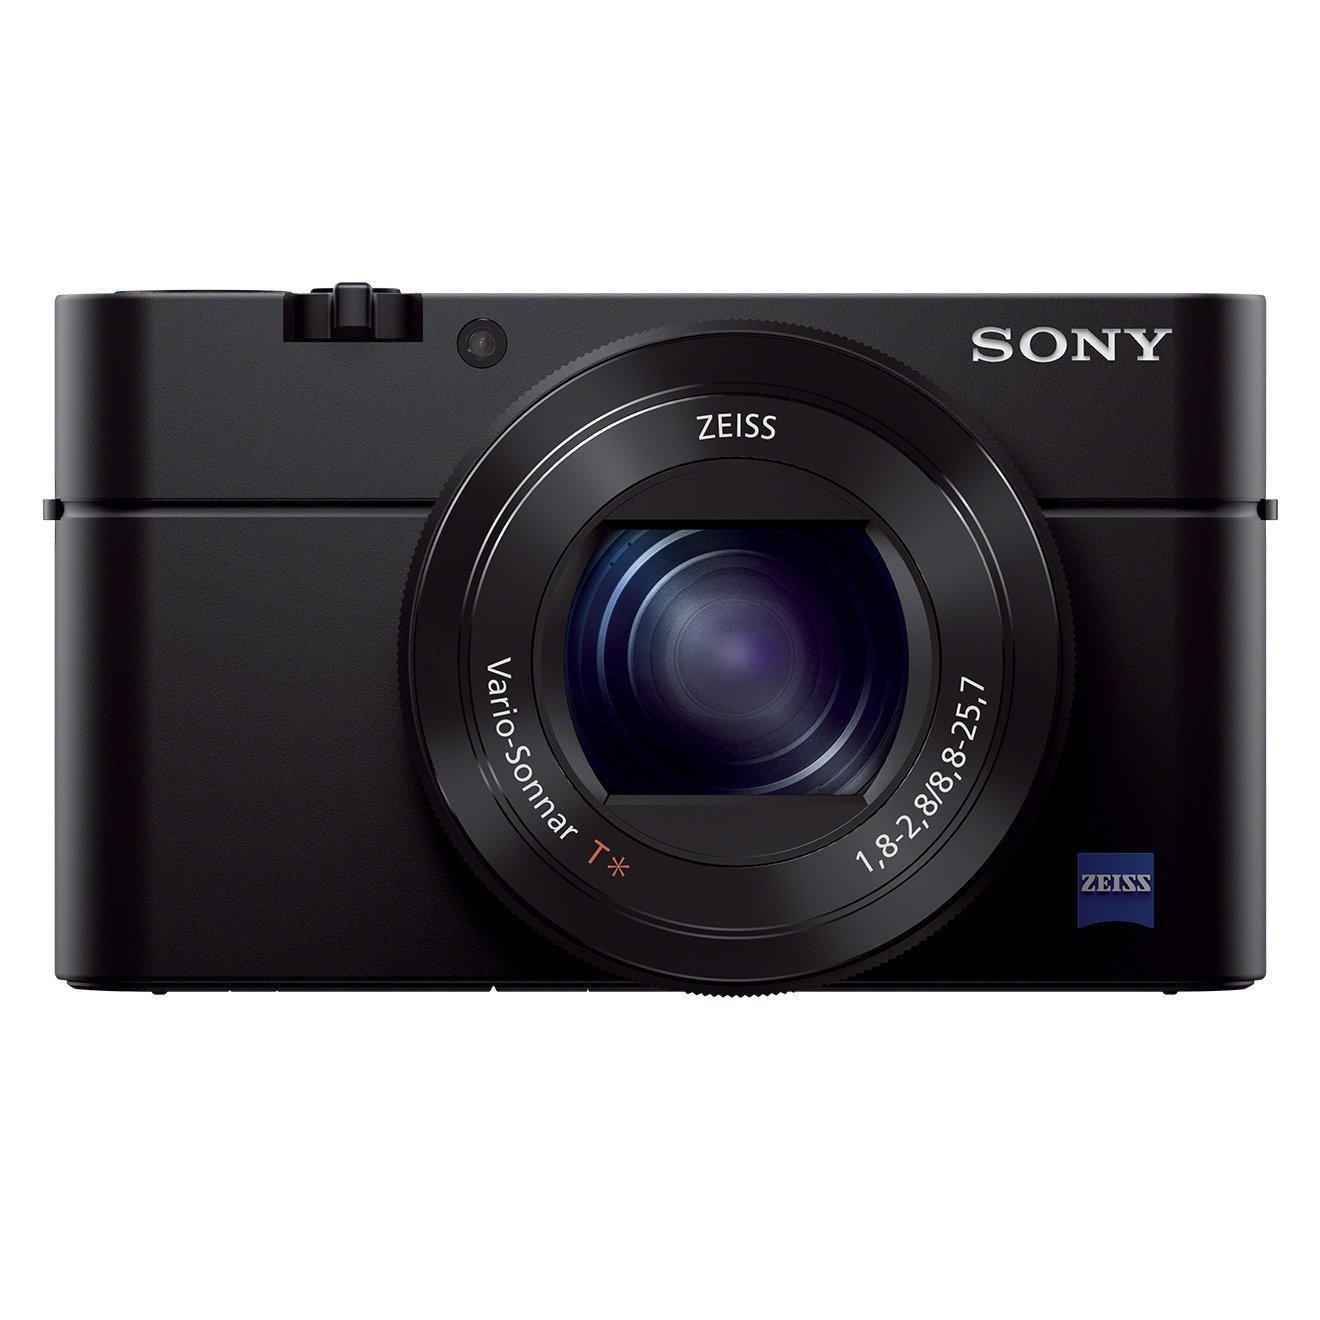 Appareil Photo Sony DSC-RX100M3 - Capteur 1'' CMOS Exmor R, 20.1 Mpix